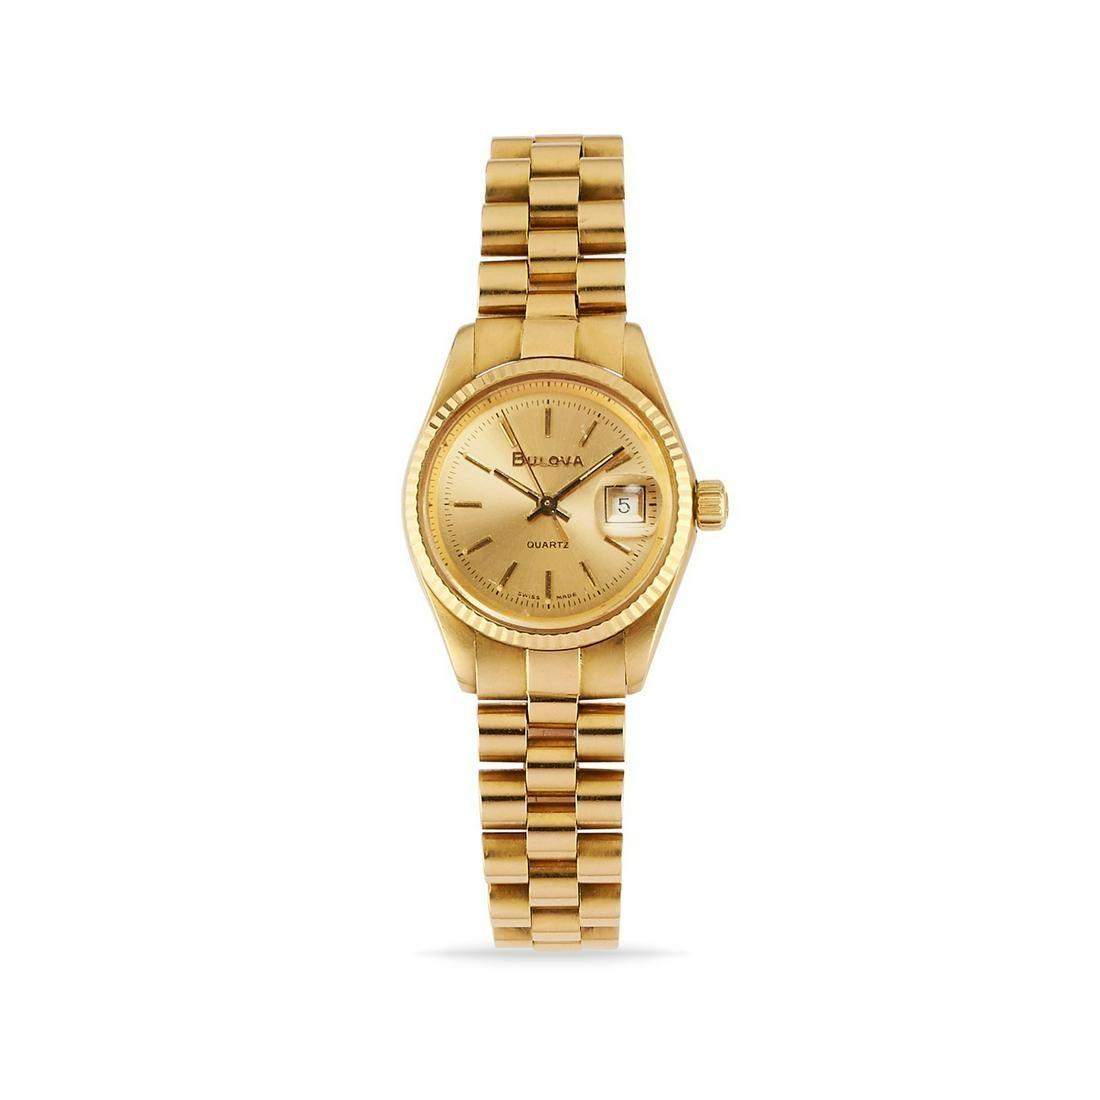 Bulova - A 18K yellow gold lady's wristwatch, Bulova